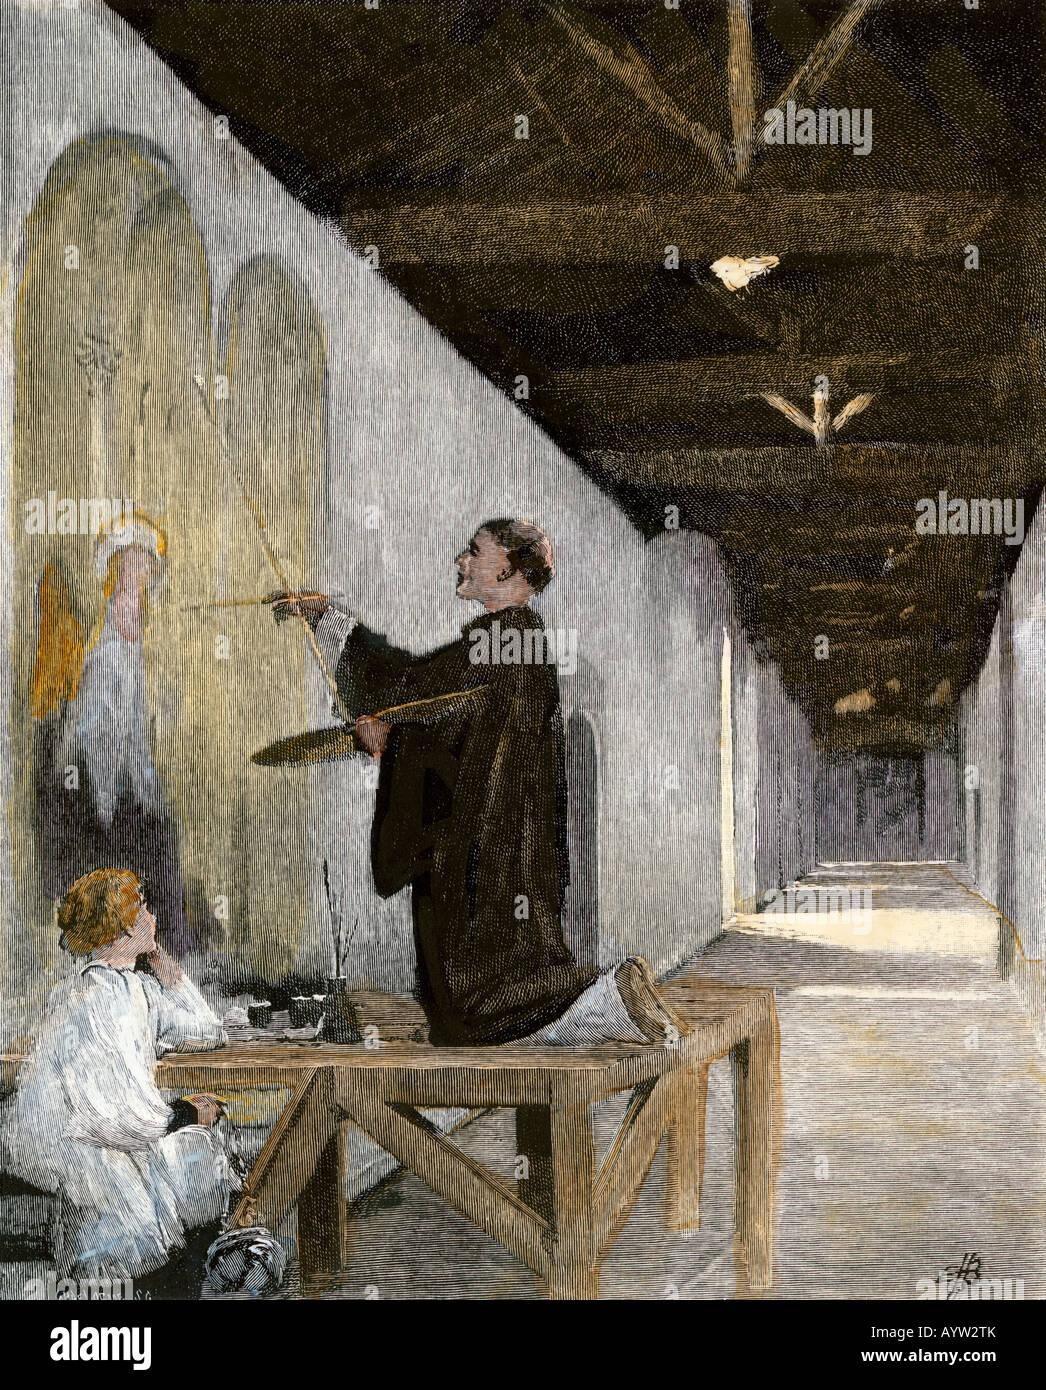 Pintando un fresco en Florencia durante el Renacimiento. Xilografía coloreada a mano Imagen De Stock